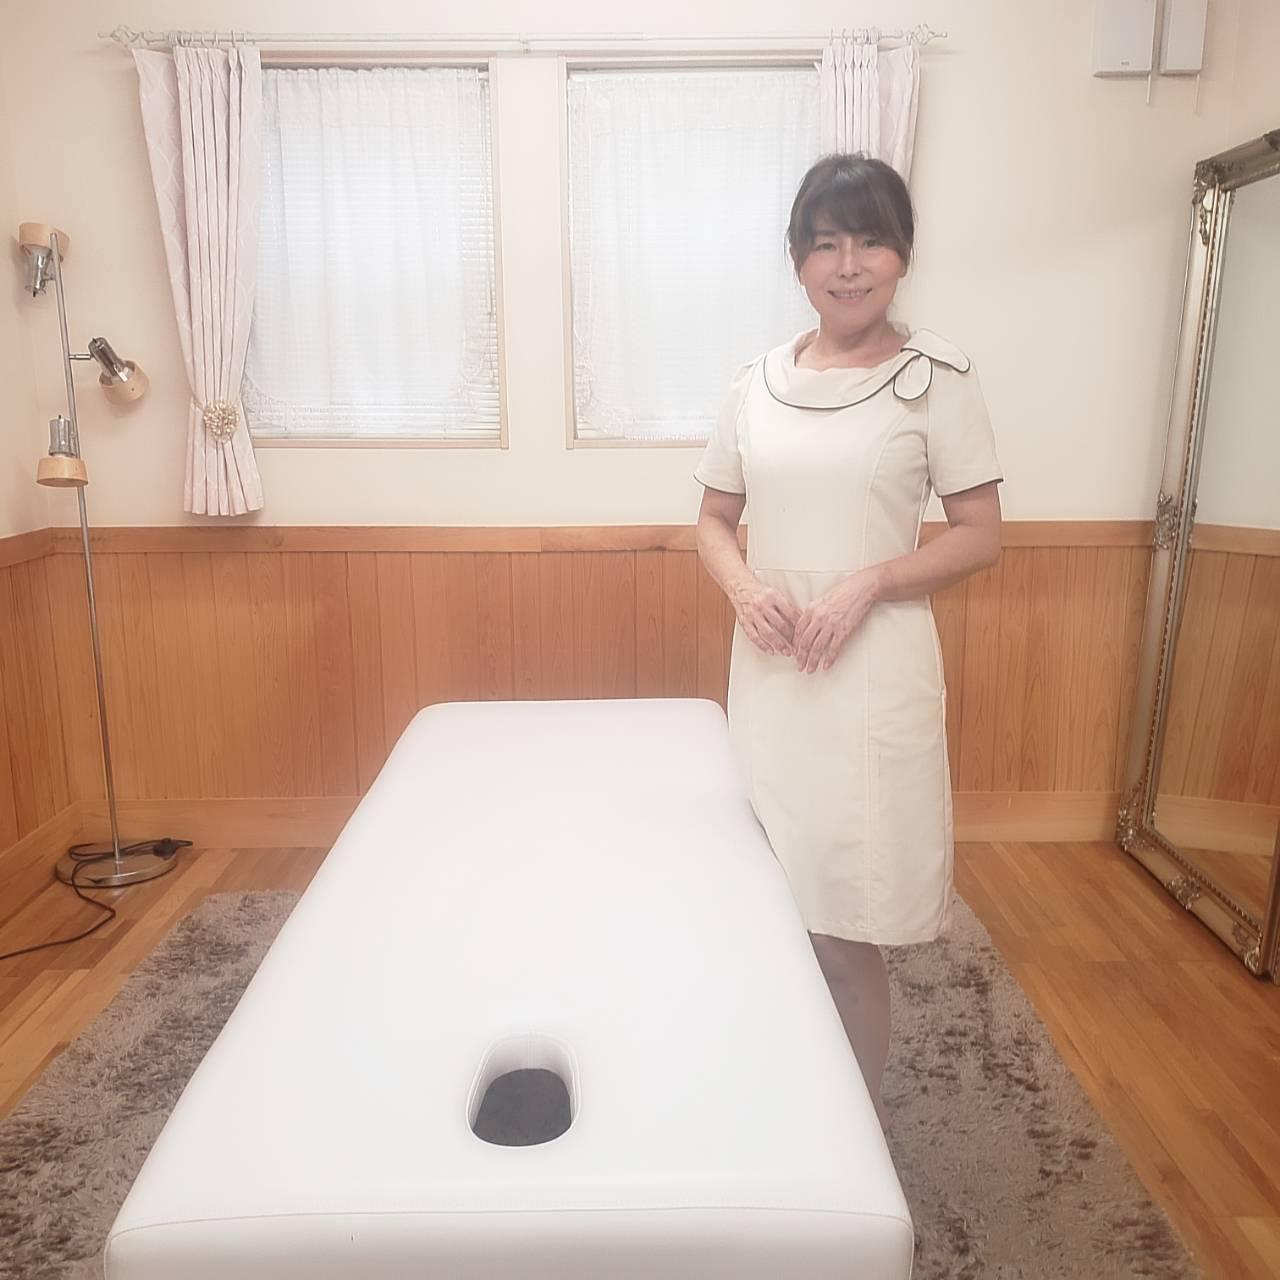 安藤 弓子(アンドウ ユミコ)